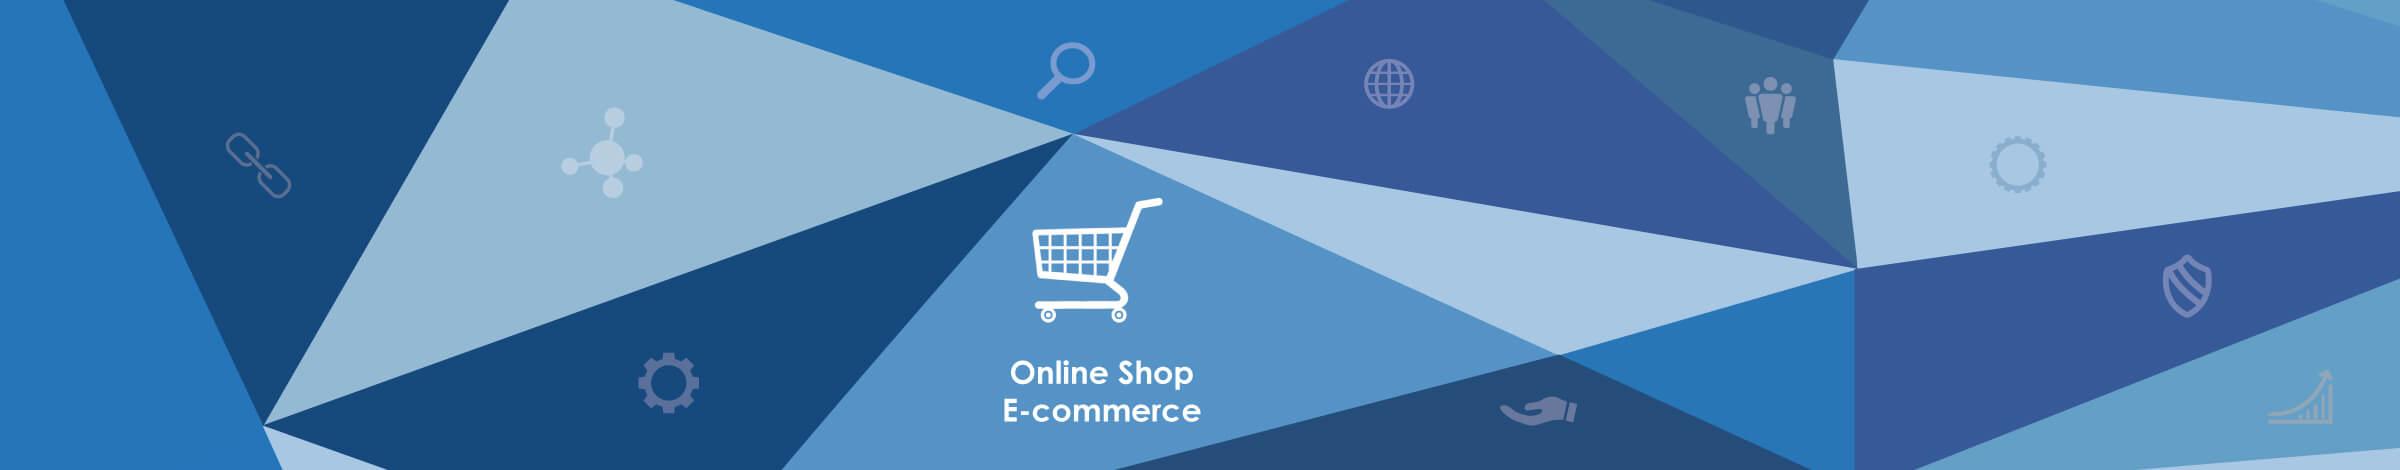 web updates kmu GmbH-wuk-WordPress und SEO Agentur -  Online-Shop